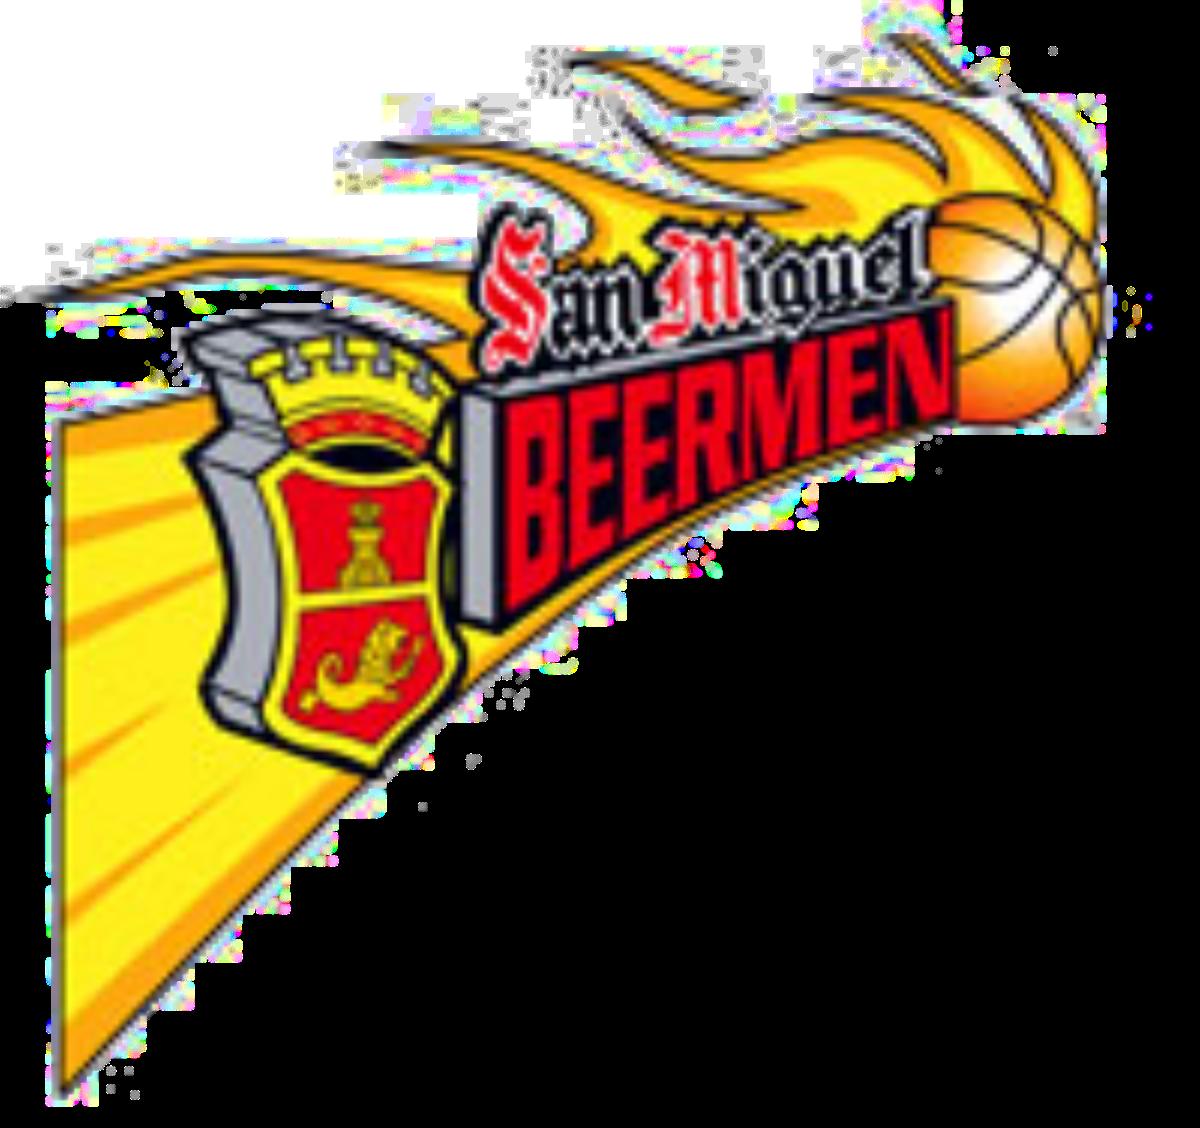 San Miguel Beermen.